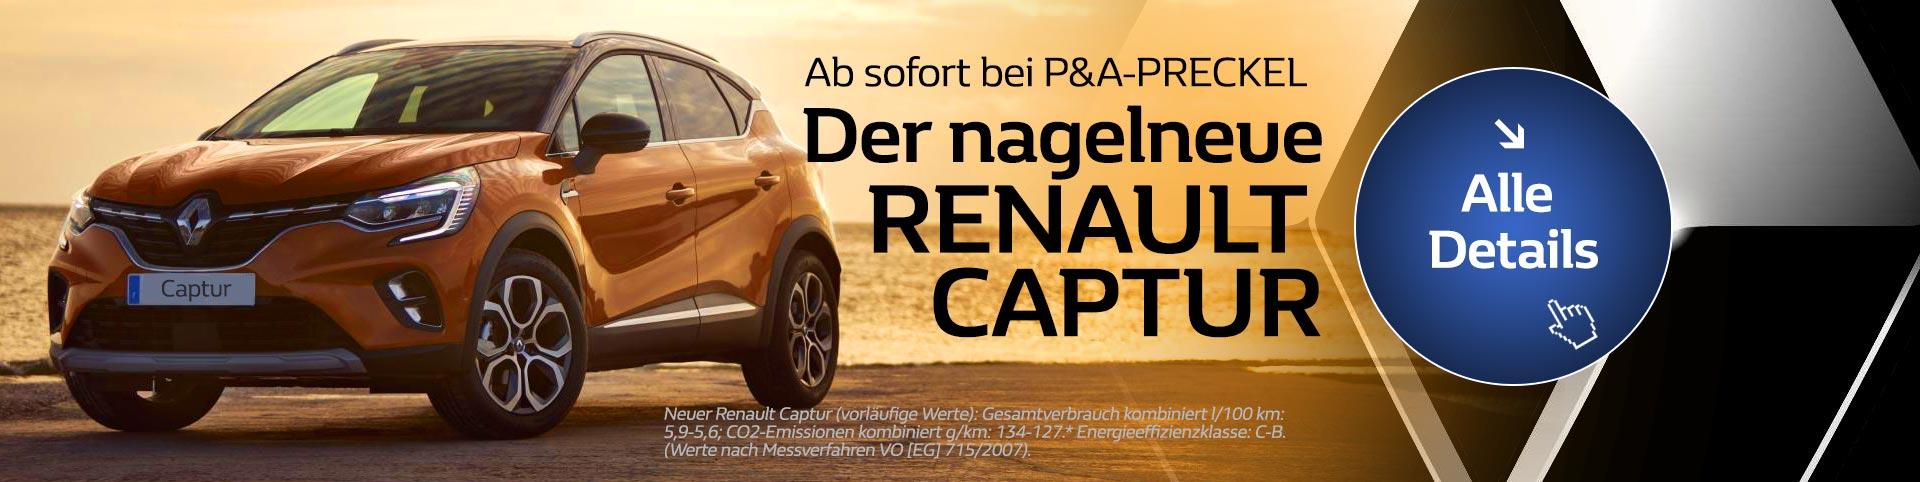 Renault Captur vom Autozentrum P&A-PRECKEL kaufen